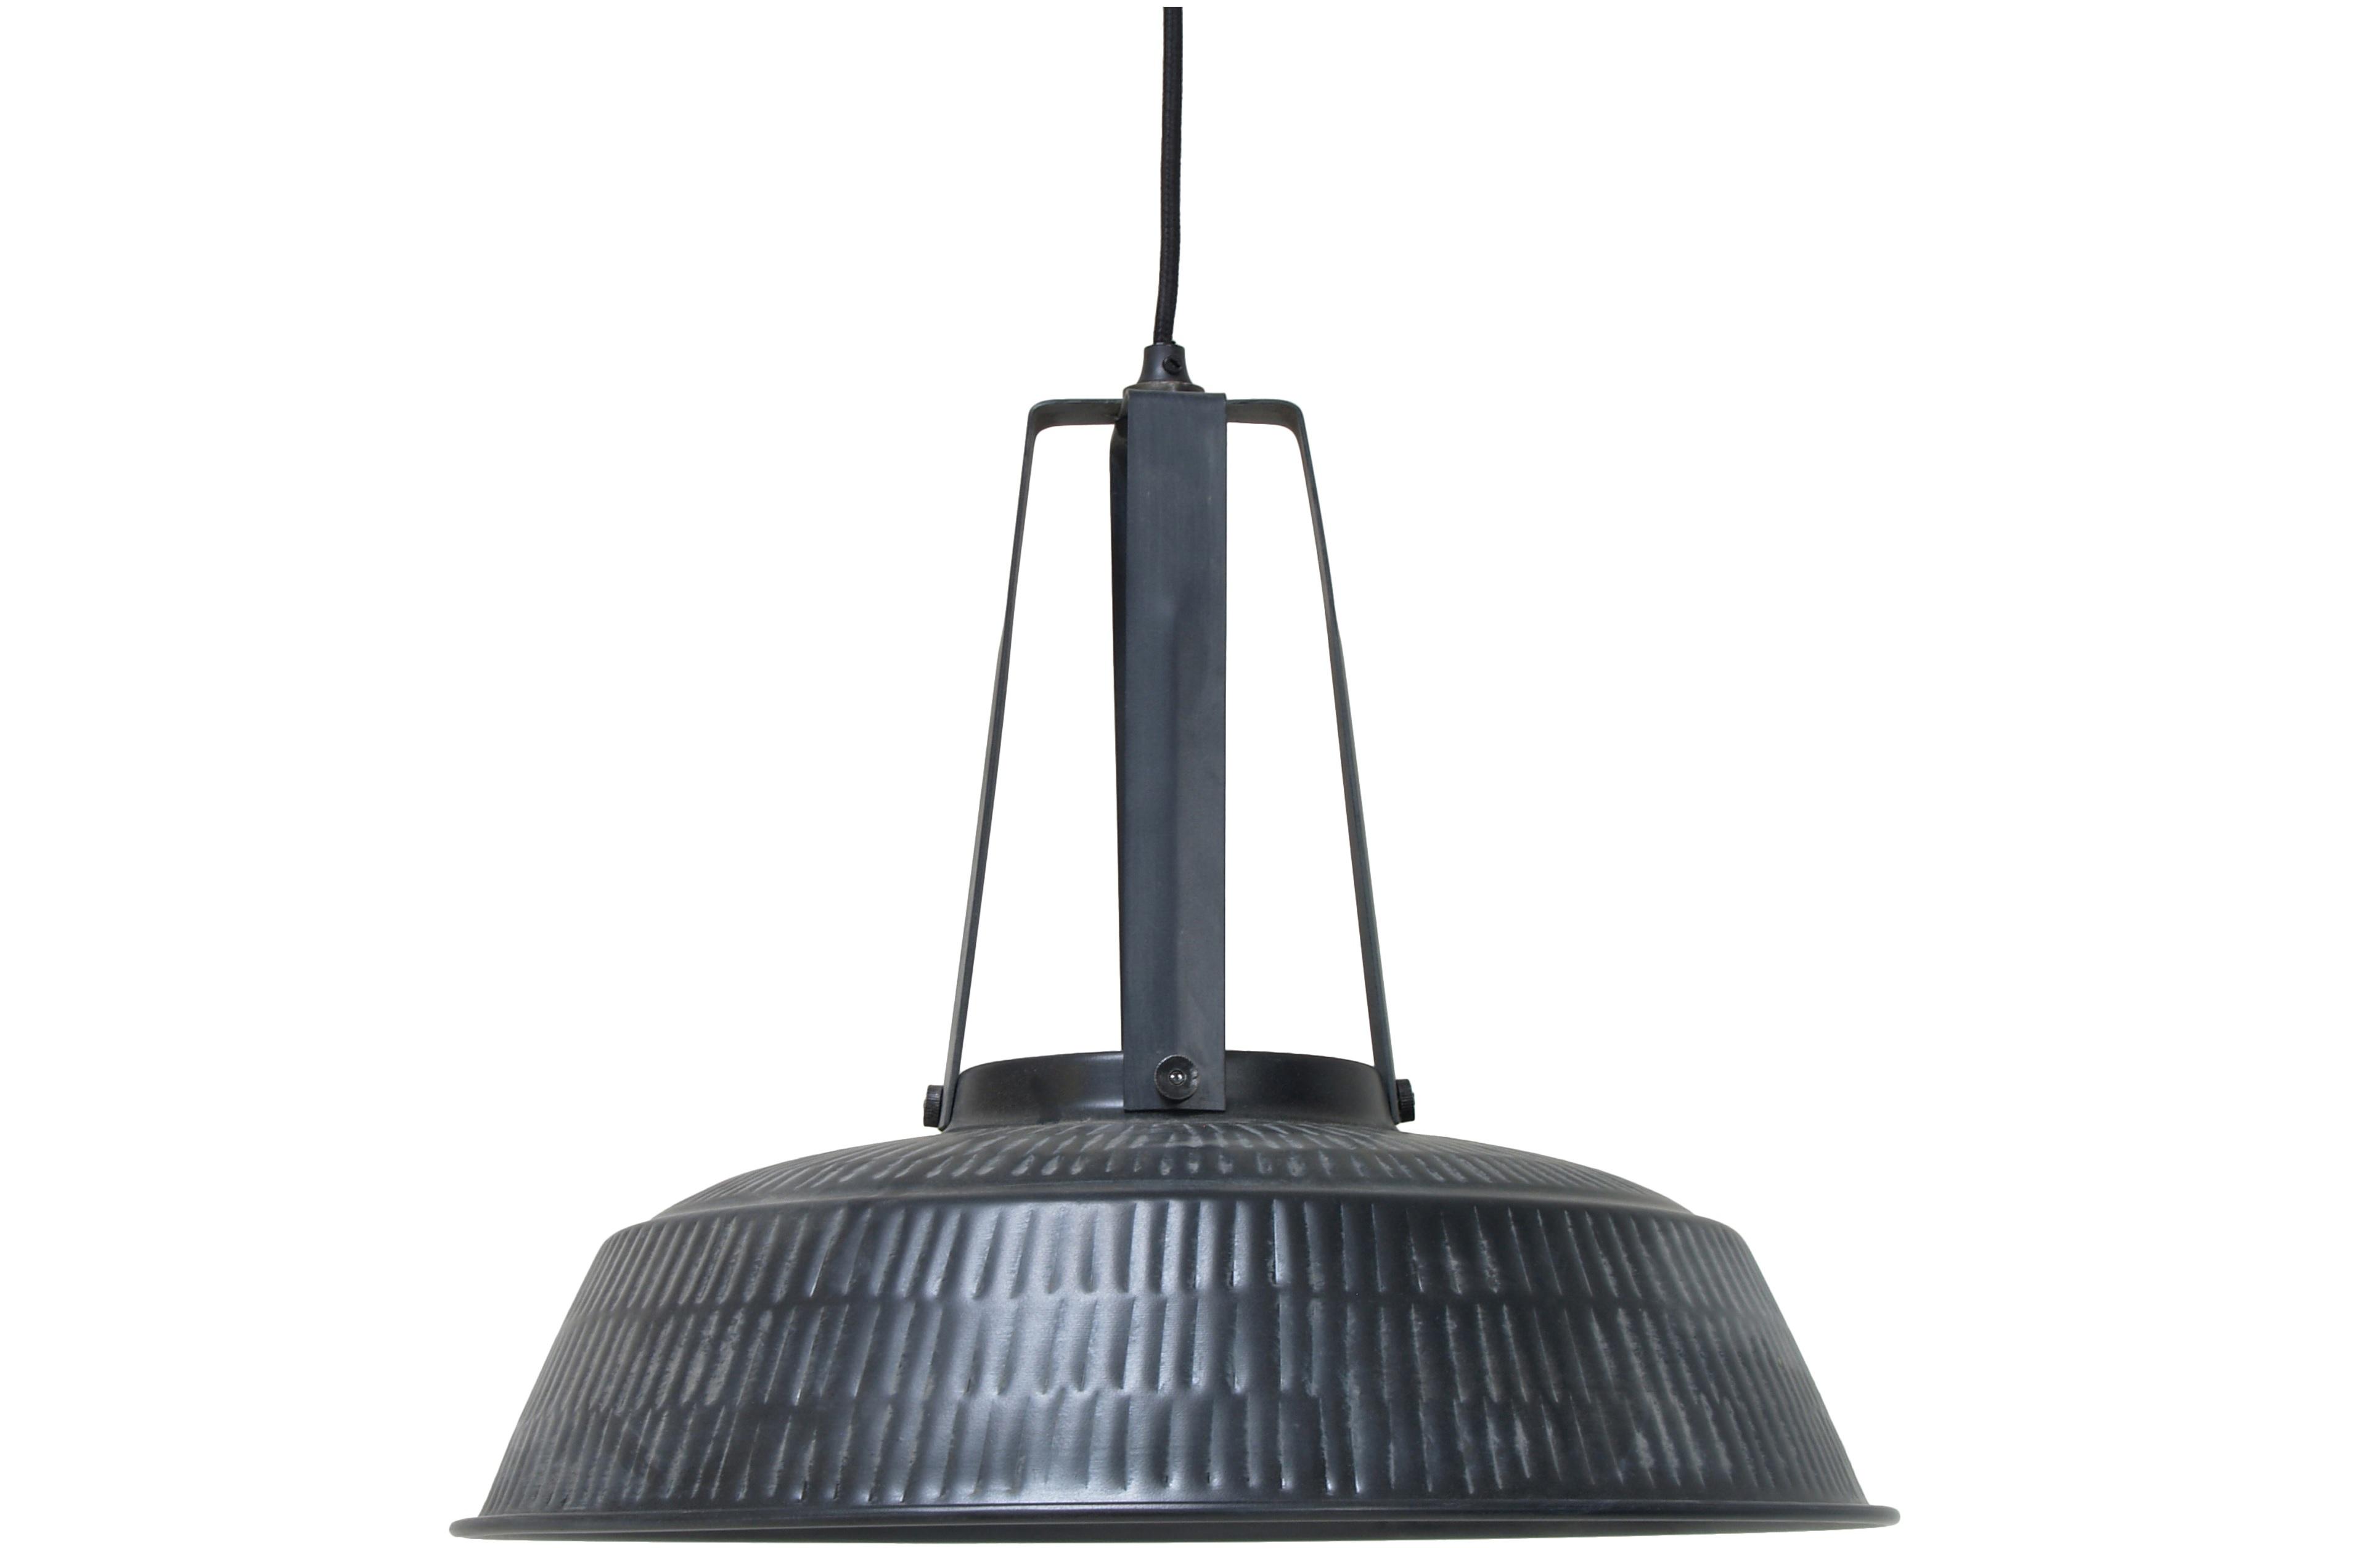 Лампа WORKSHOPПодвесные светильники<br>Подвесная лампа в индустриальном стиле. Обработка металла и покрытие &amp;quot;рустик&amp;quot;.&amp;lt;div&amp;gt;&amp;lt;br&amp;gt;&amp;lt;/div&amp;gt;&amp;lt;div&amp;gt;Длина шнура: 2 м&amp;lt;/div&amp;gt;&amp;lt;div&amp;gt;&amp;lt;div style=&amp;quot;line-height: 24.9999px;&amp;quot;&amp;gt;Вид цоколя: Е27&amp;lt;/div&amp;gt;&amp;lt;div style=&amp;quot;line-height: 24.9999px;&amp;quot;&amp;gt;Мощность: 60W&amp;lt;/div&amp;gt;&amp;lt;div style=&amp;quot;line-height: 24.9999px;&amp;quot;&amp;gt;Количество ламп: 1&amp;lt;/div&amp;gt;&amp;lt;/div&amp;gt;<br><br>Material: Металл<br>Высота см: 40.0